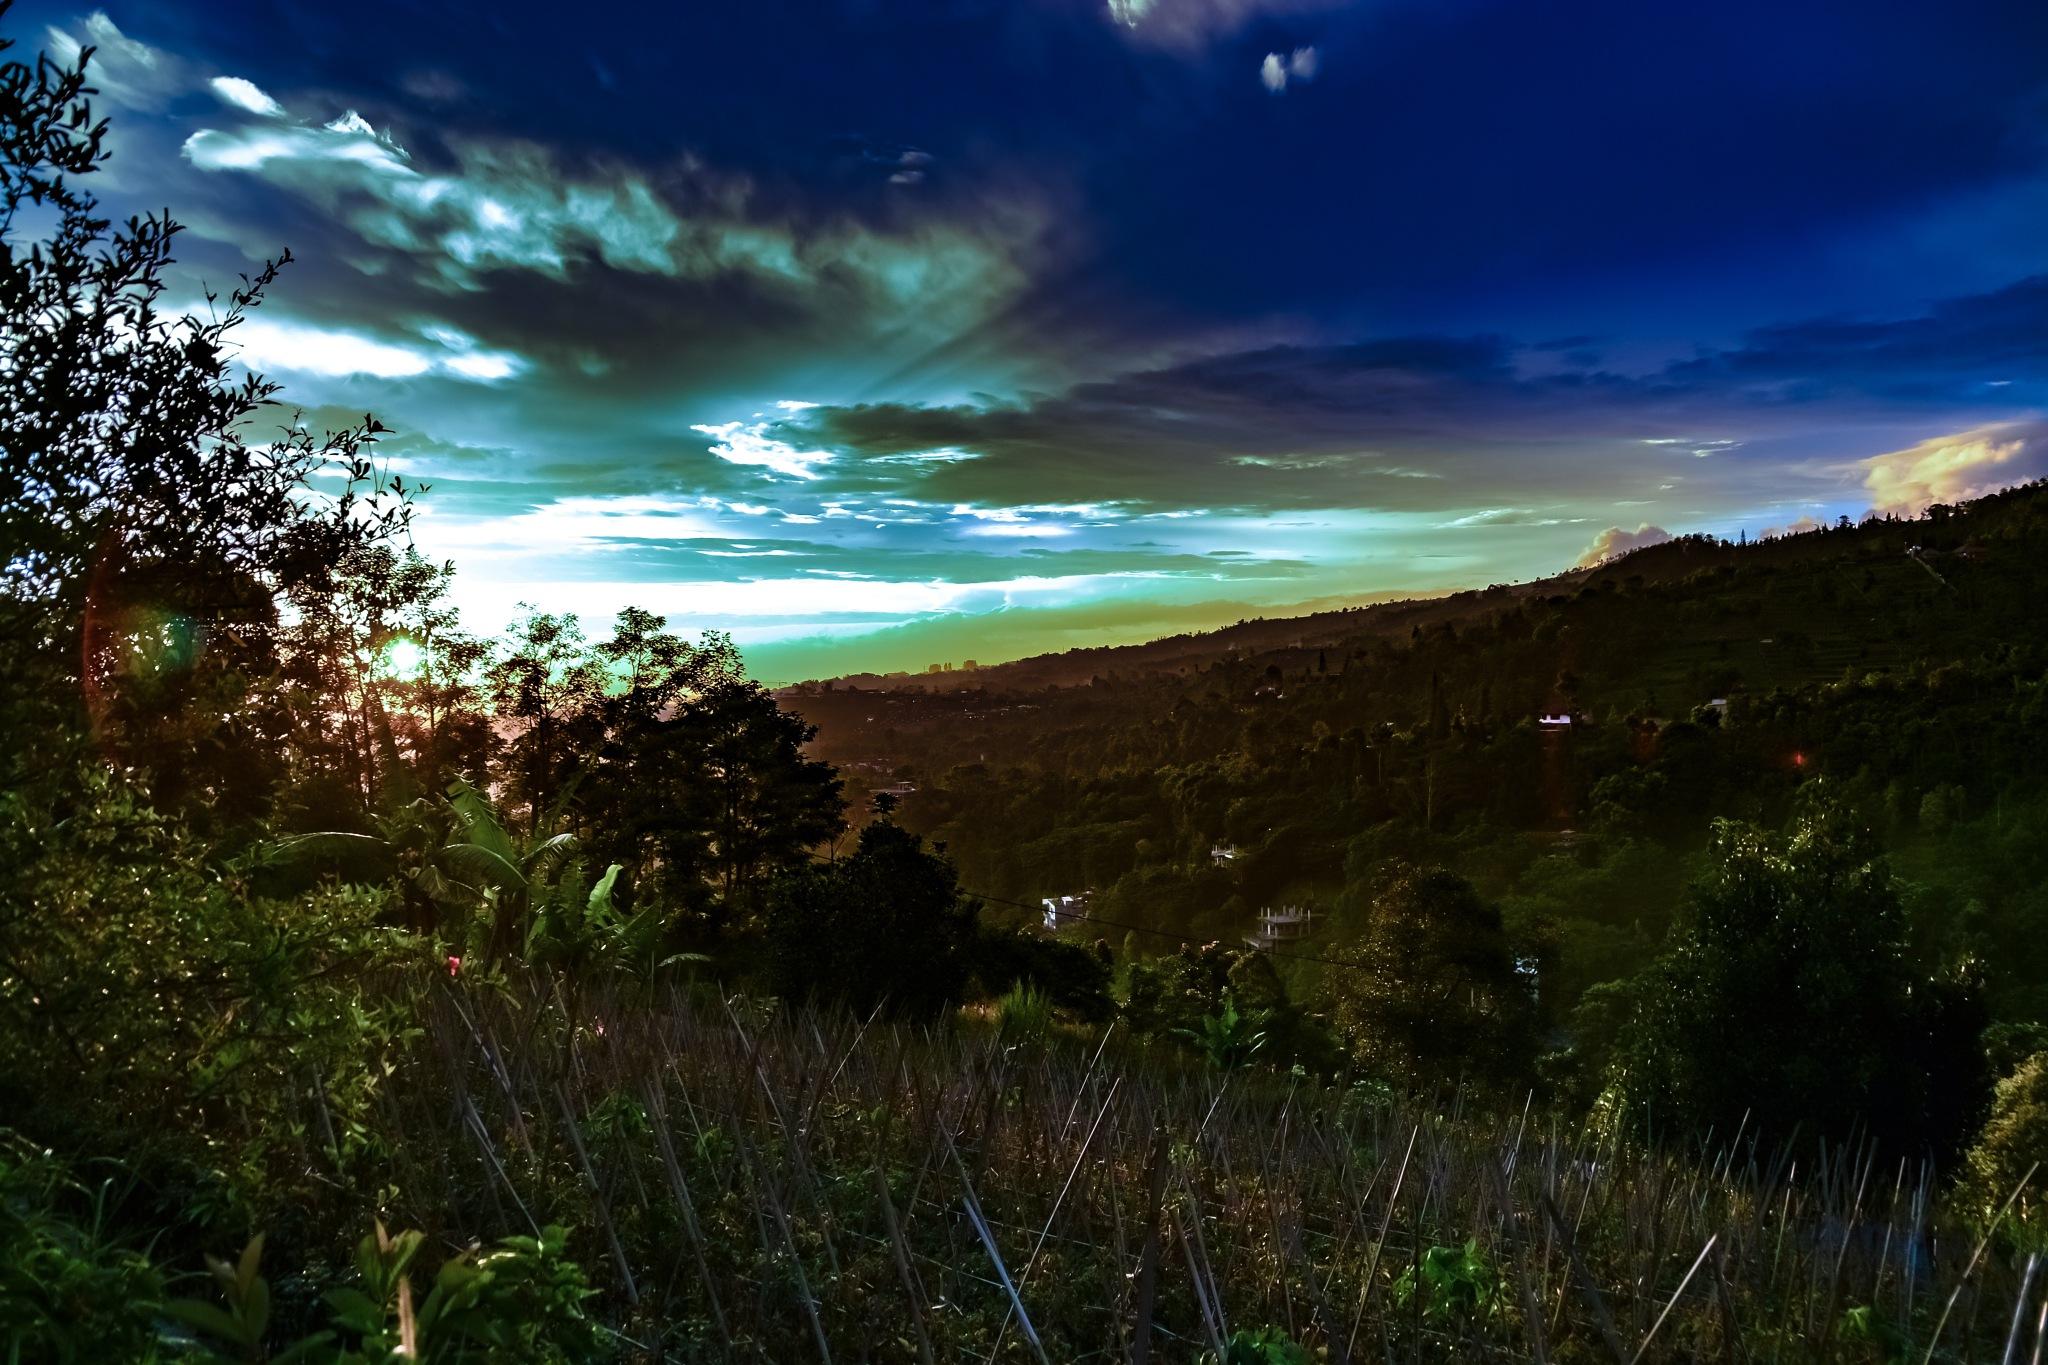 After sunset by Mahyudin Djunaidi